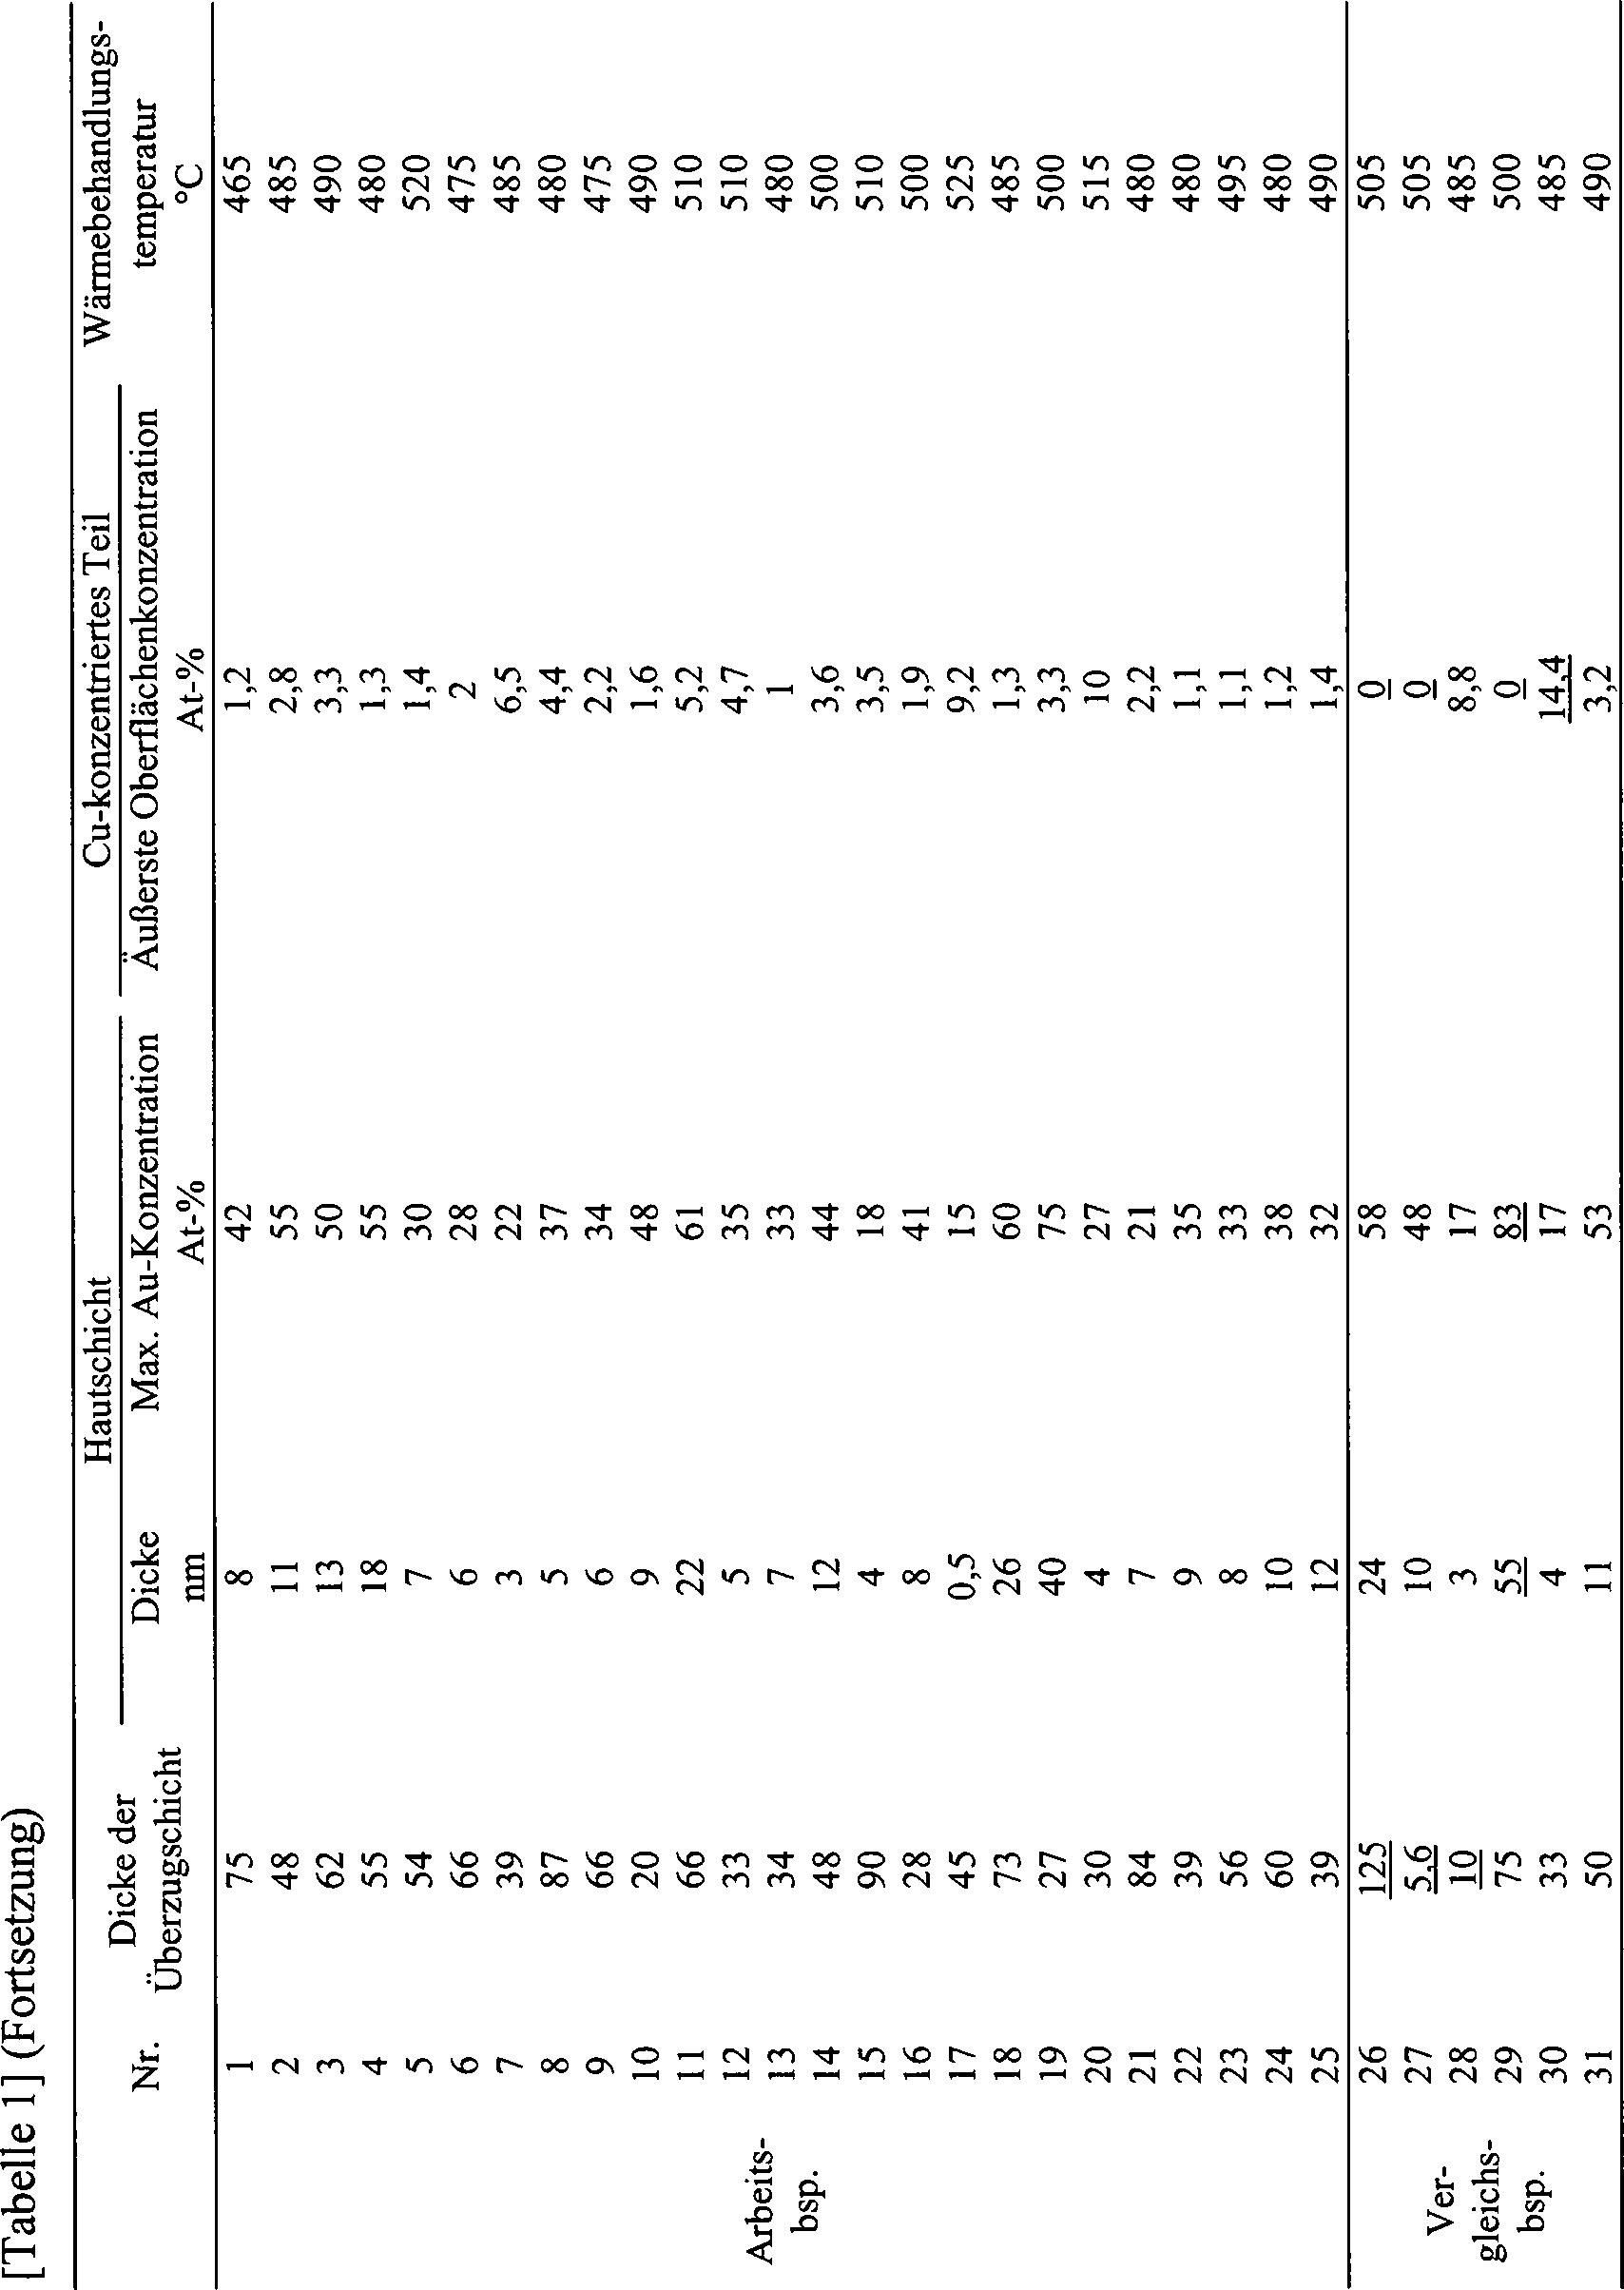 Figure DE112015005172T5_0002